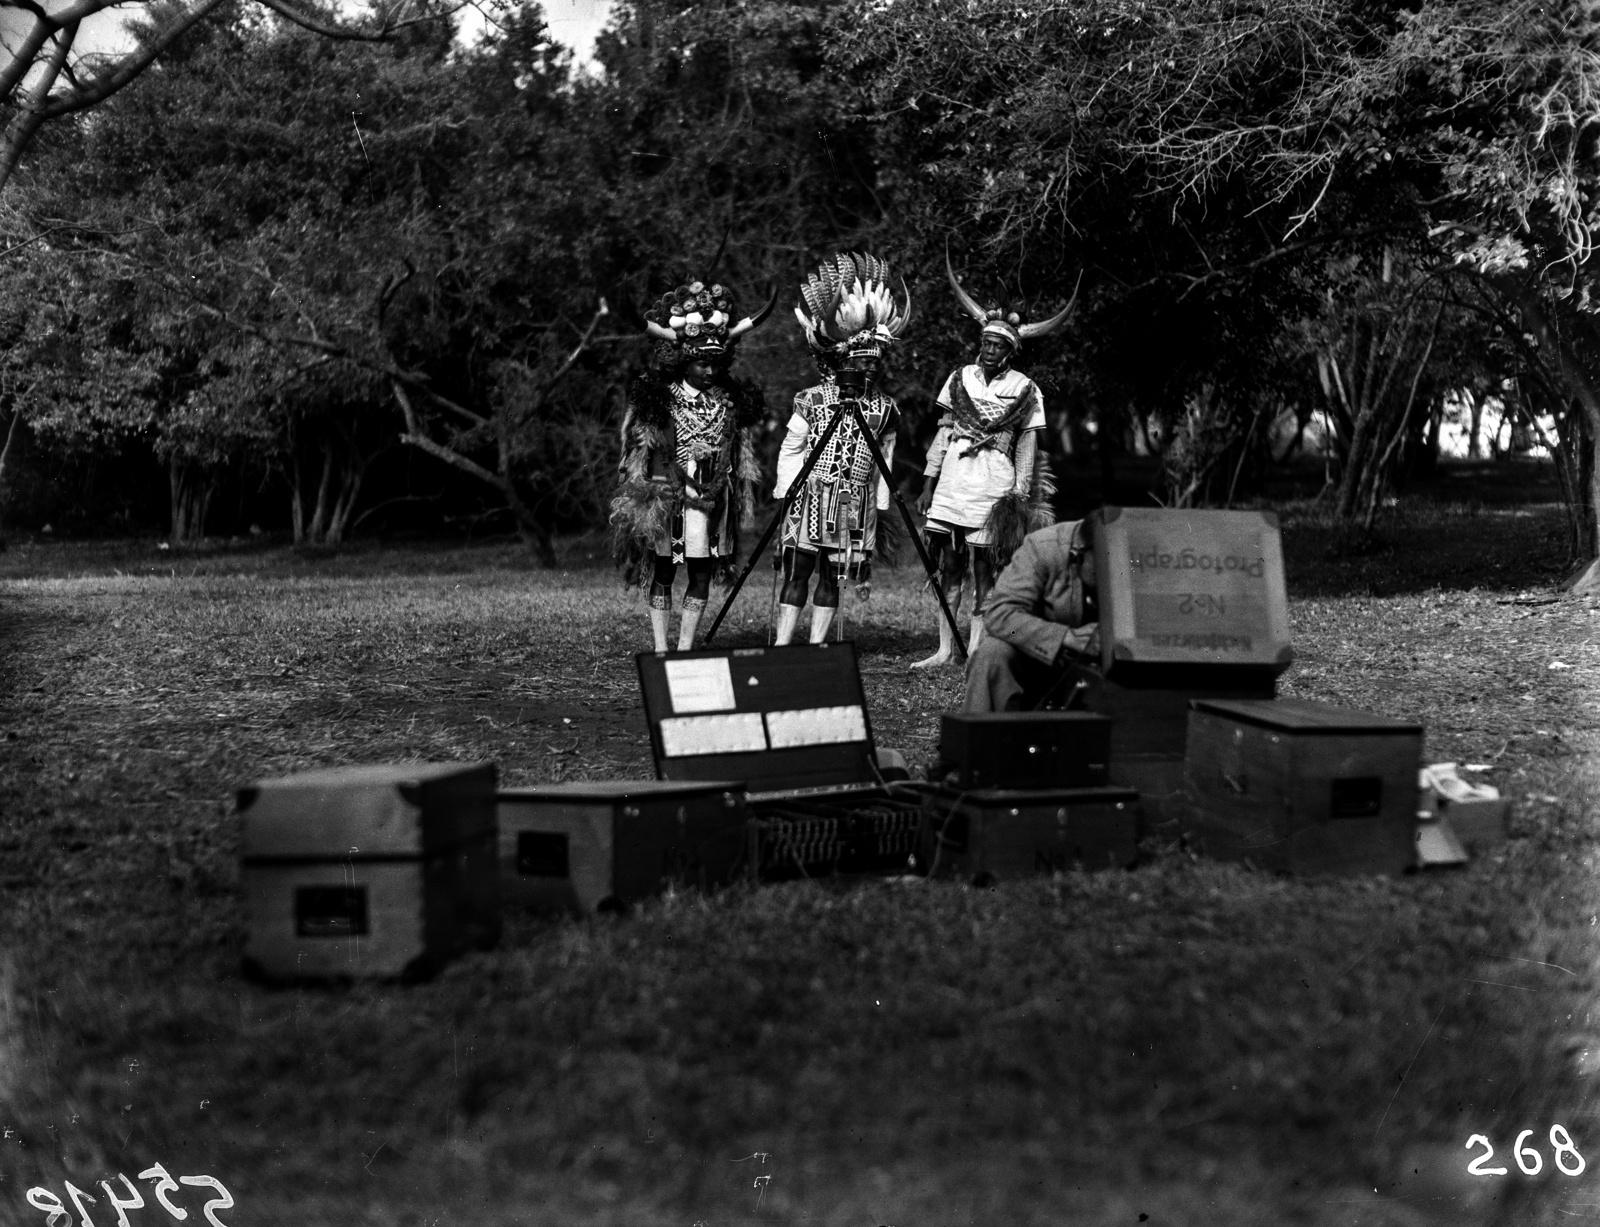 Южно-Африканский Союз. Дурбан. Зулу в традиционной одежде за звукозаписывающим оборудованием